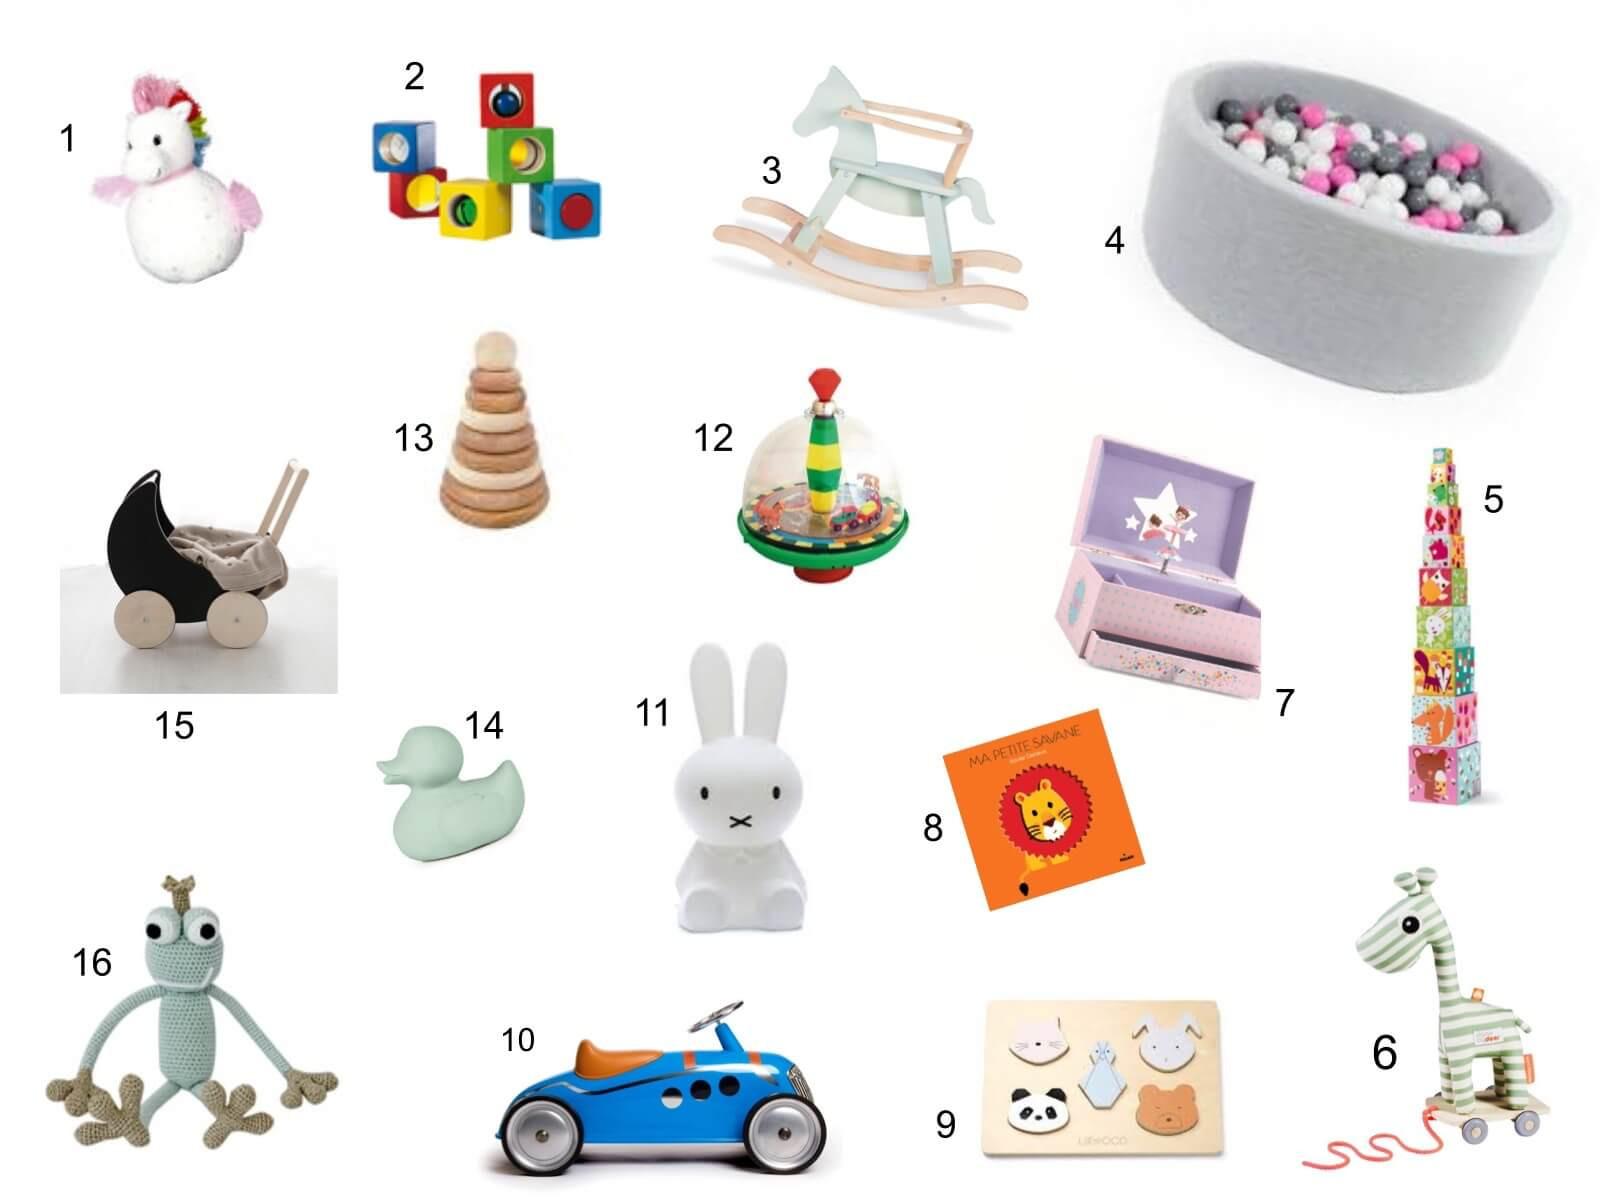 Geschenkideen Für 18 Jährige  Happy Mum Blog Geschenkideen für 1 jährige Kinder